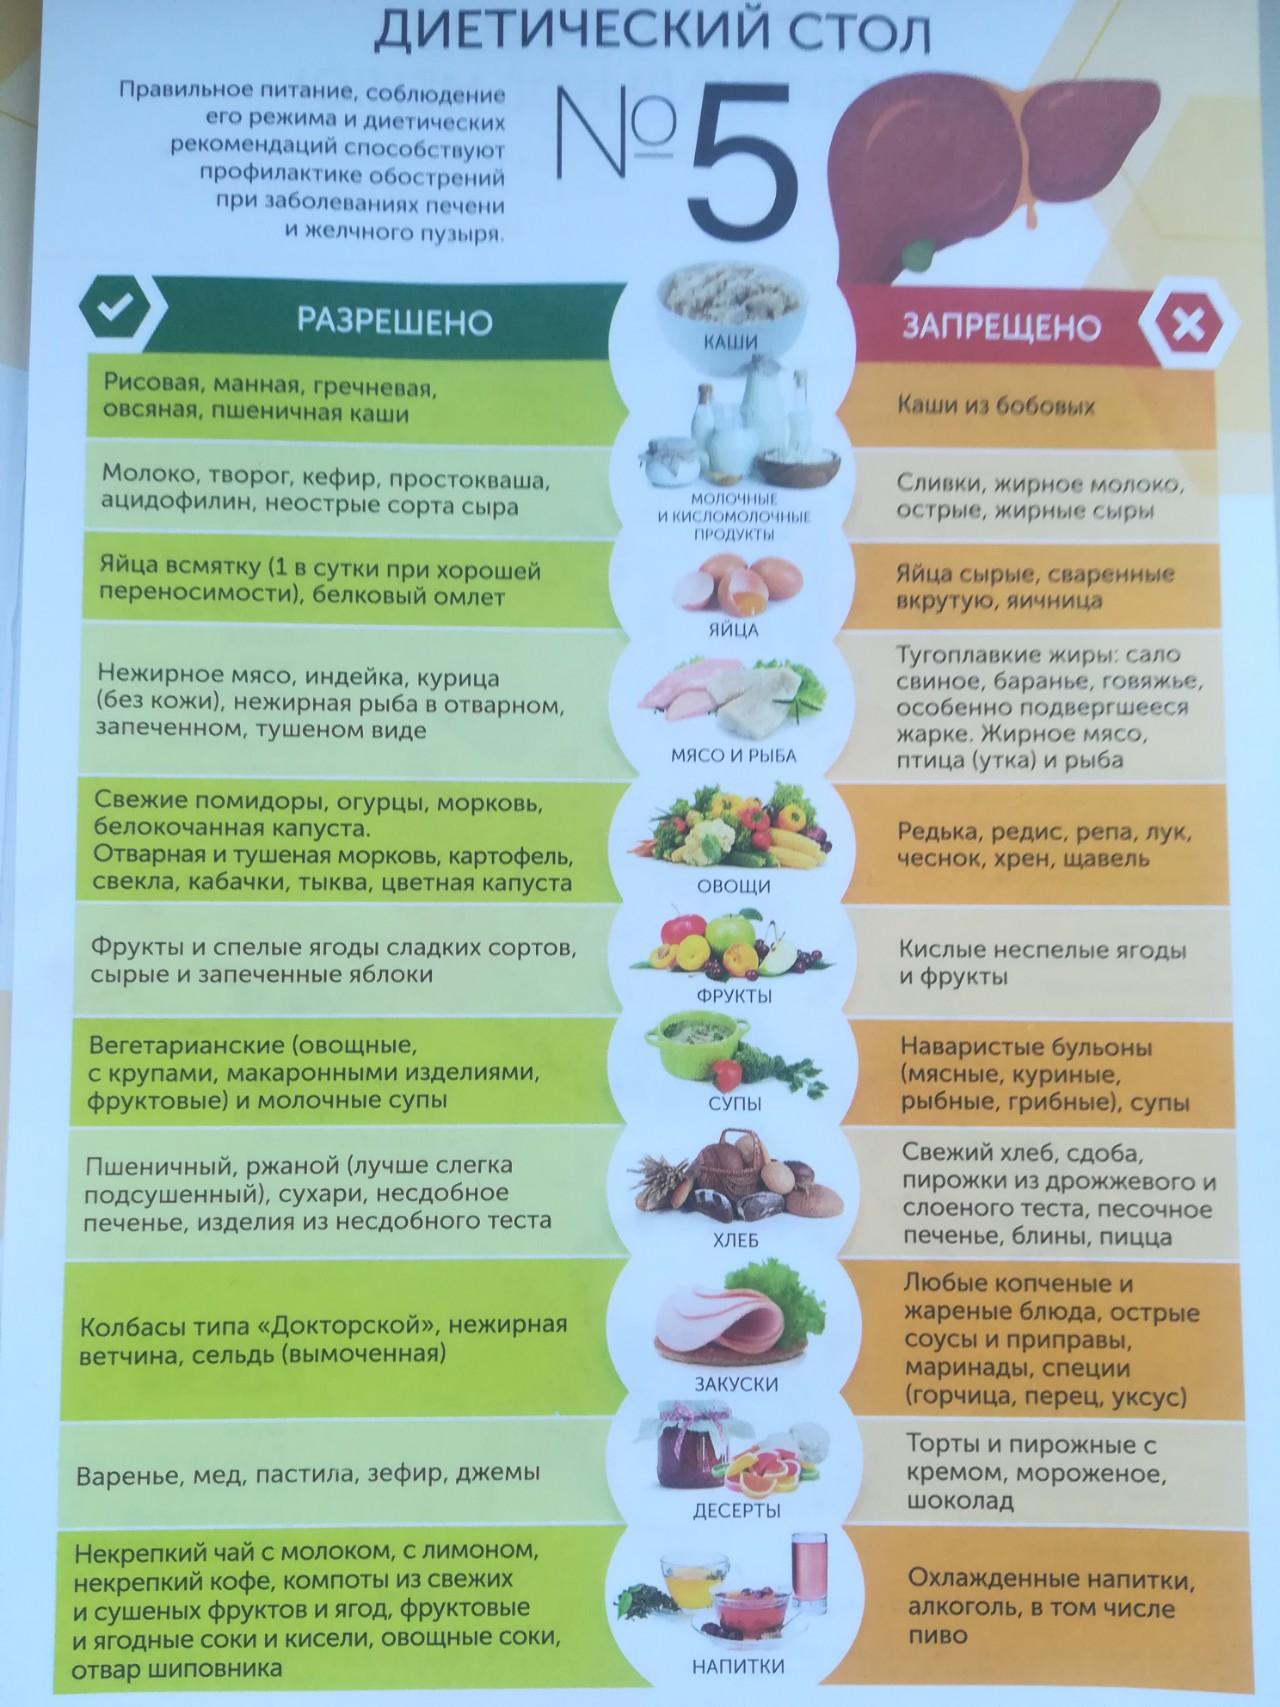 Продукты для диеты номер 5